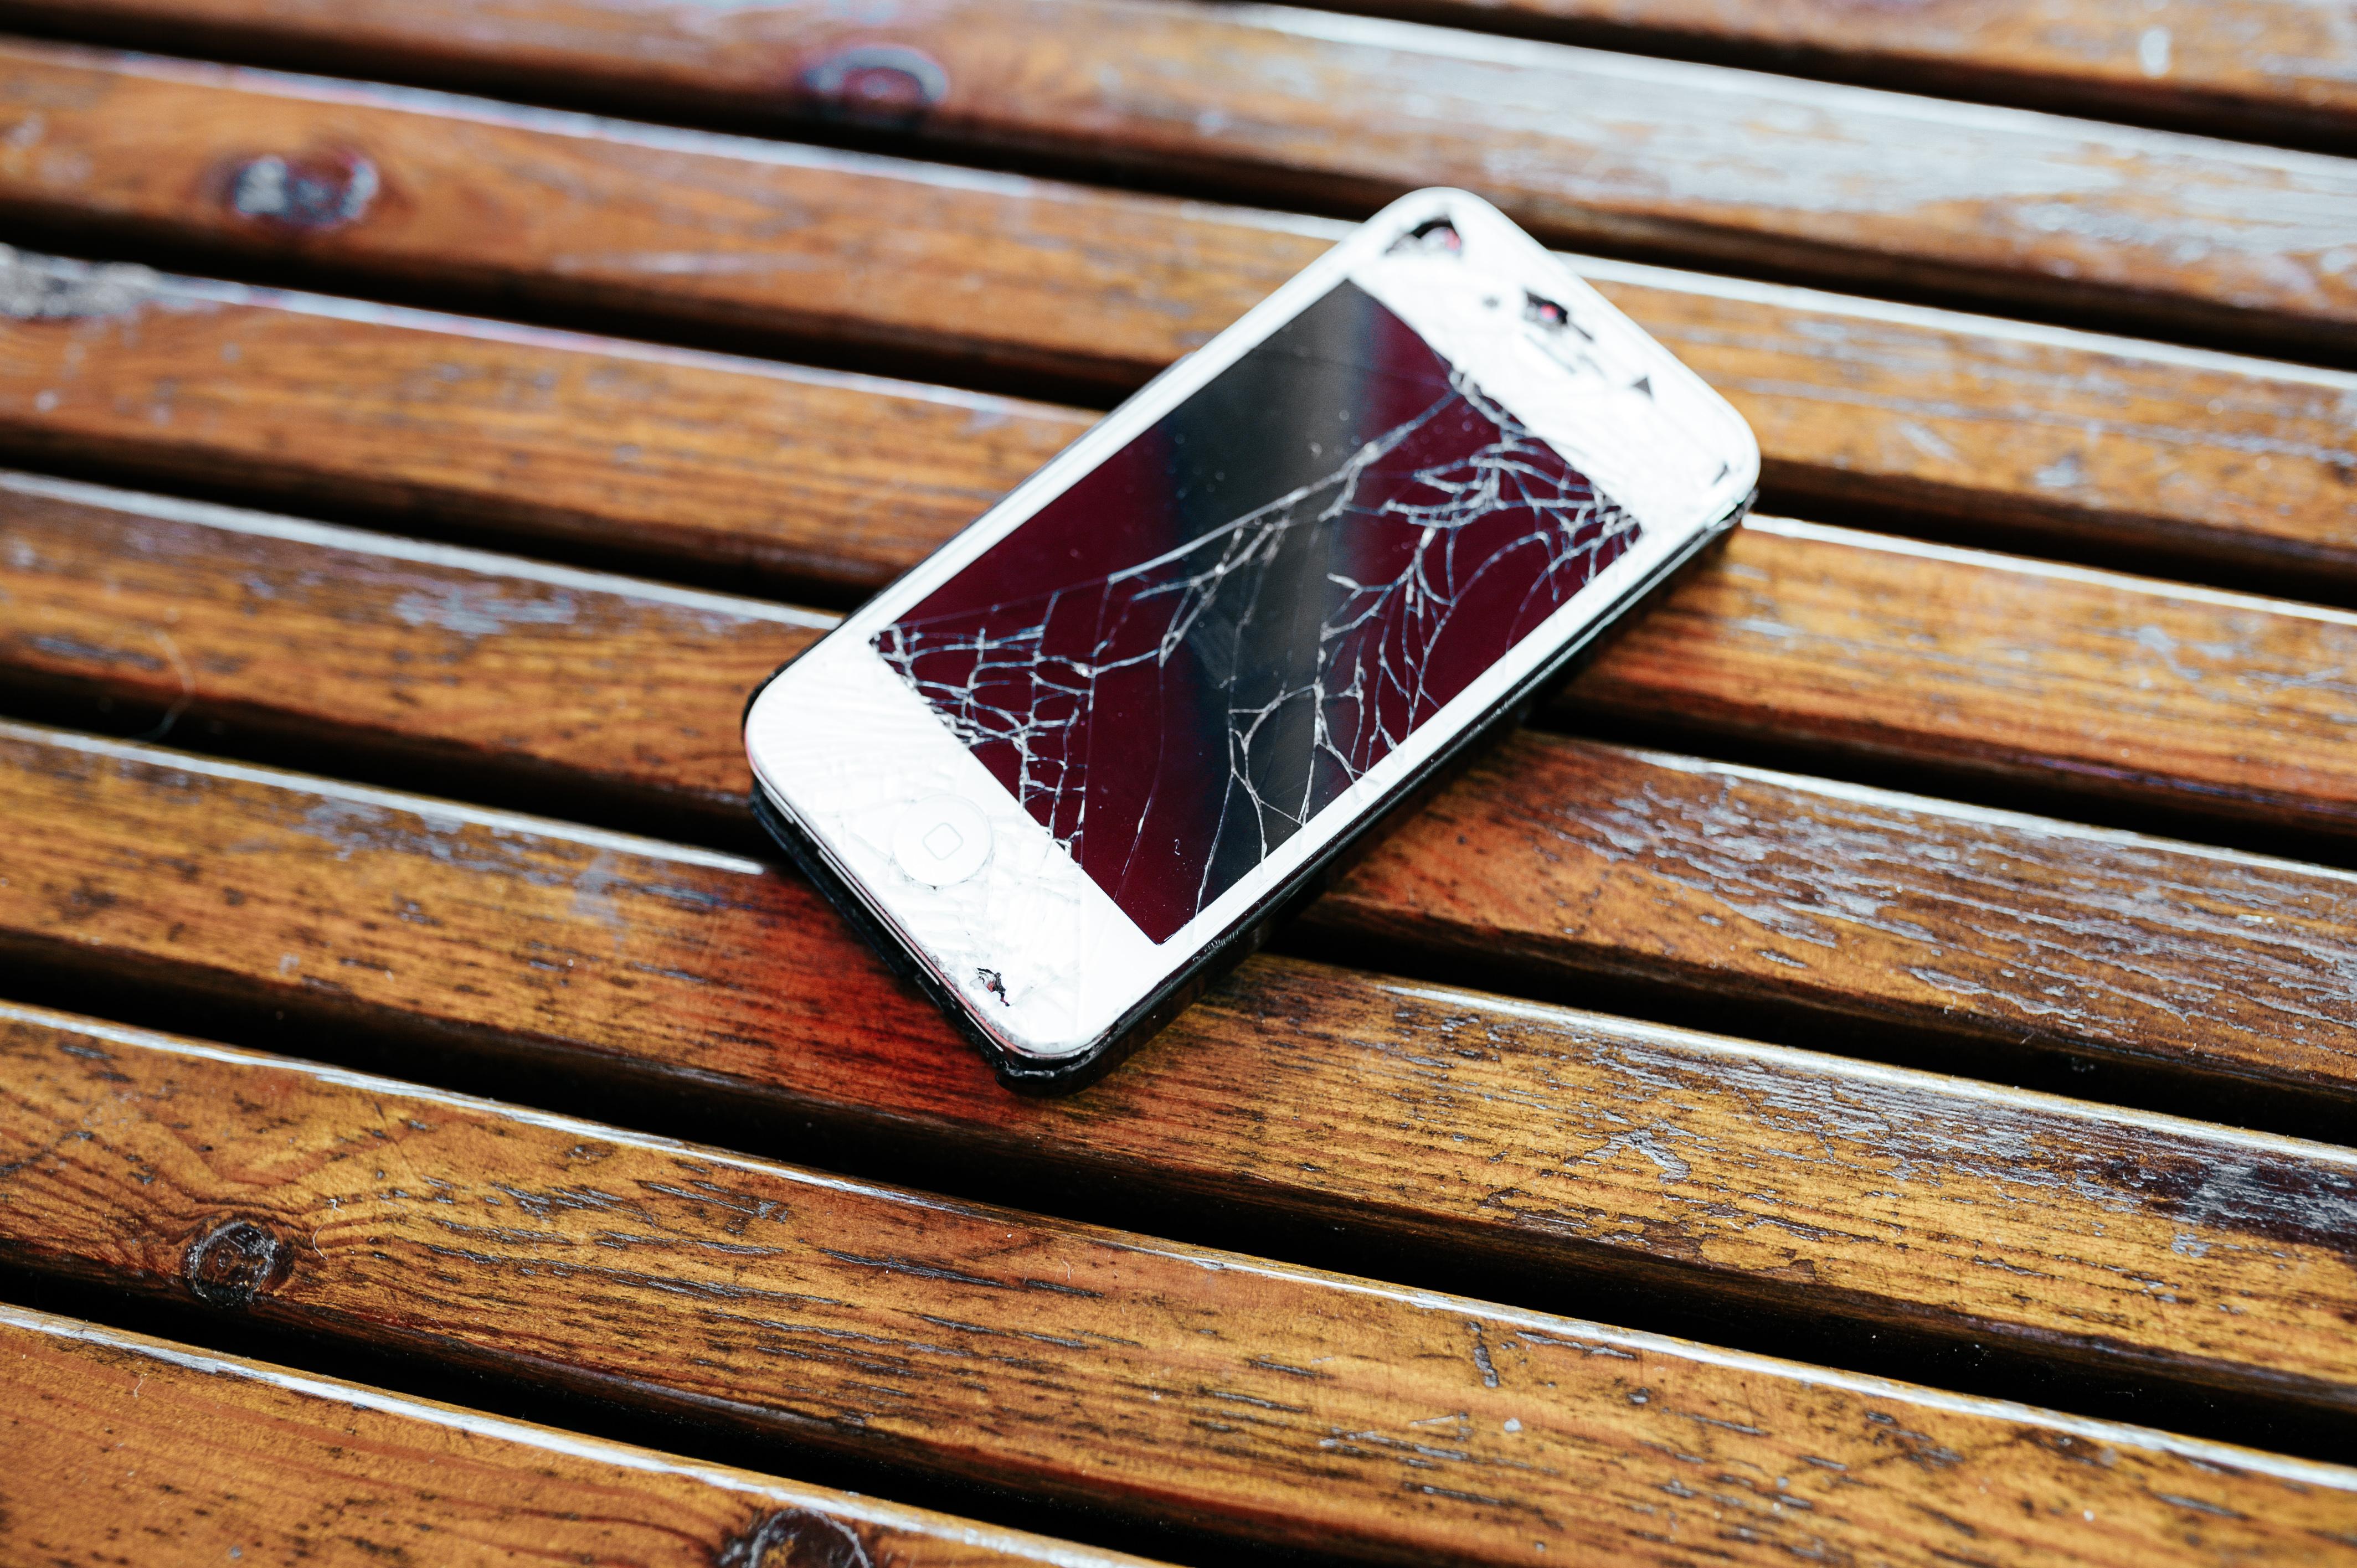 Az Apple egészségügyi appjának adatait használták fel egy németországi gyilkossági ügyben